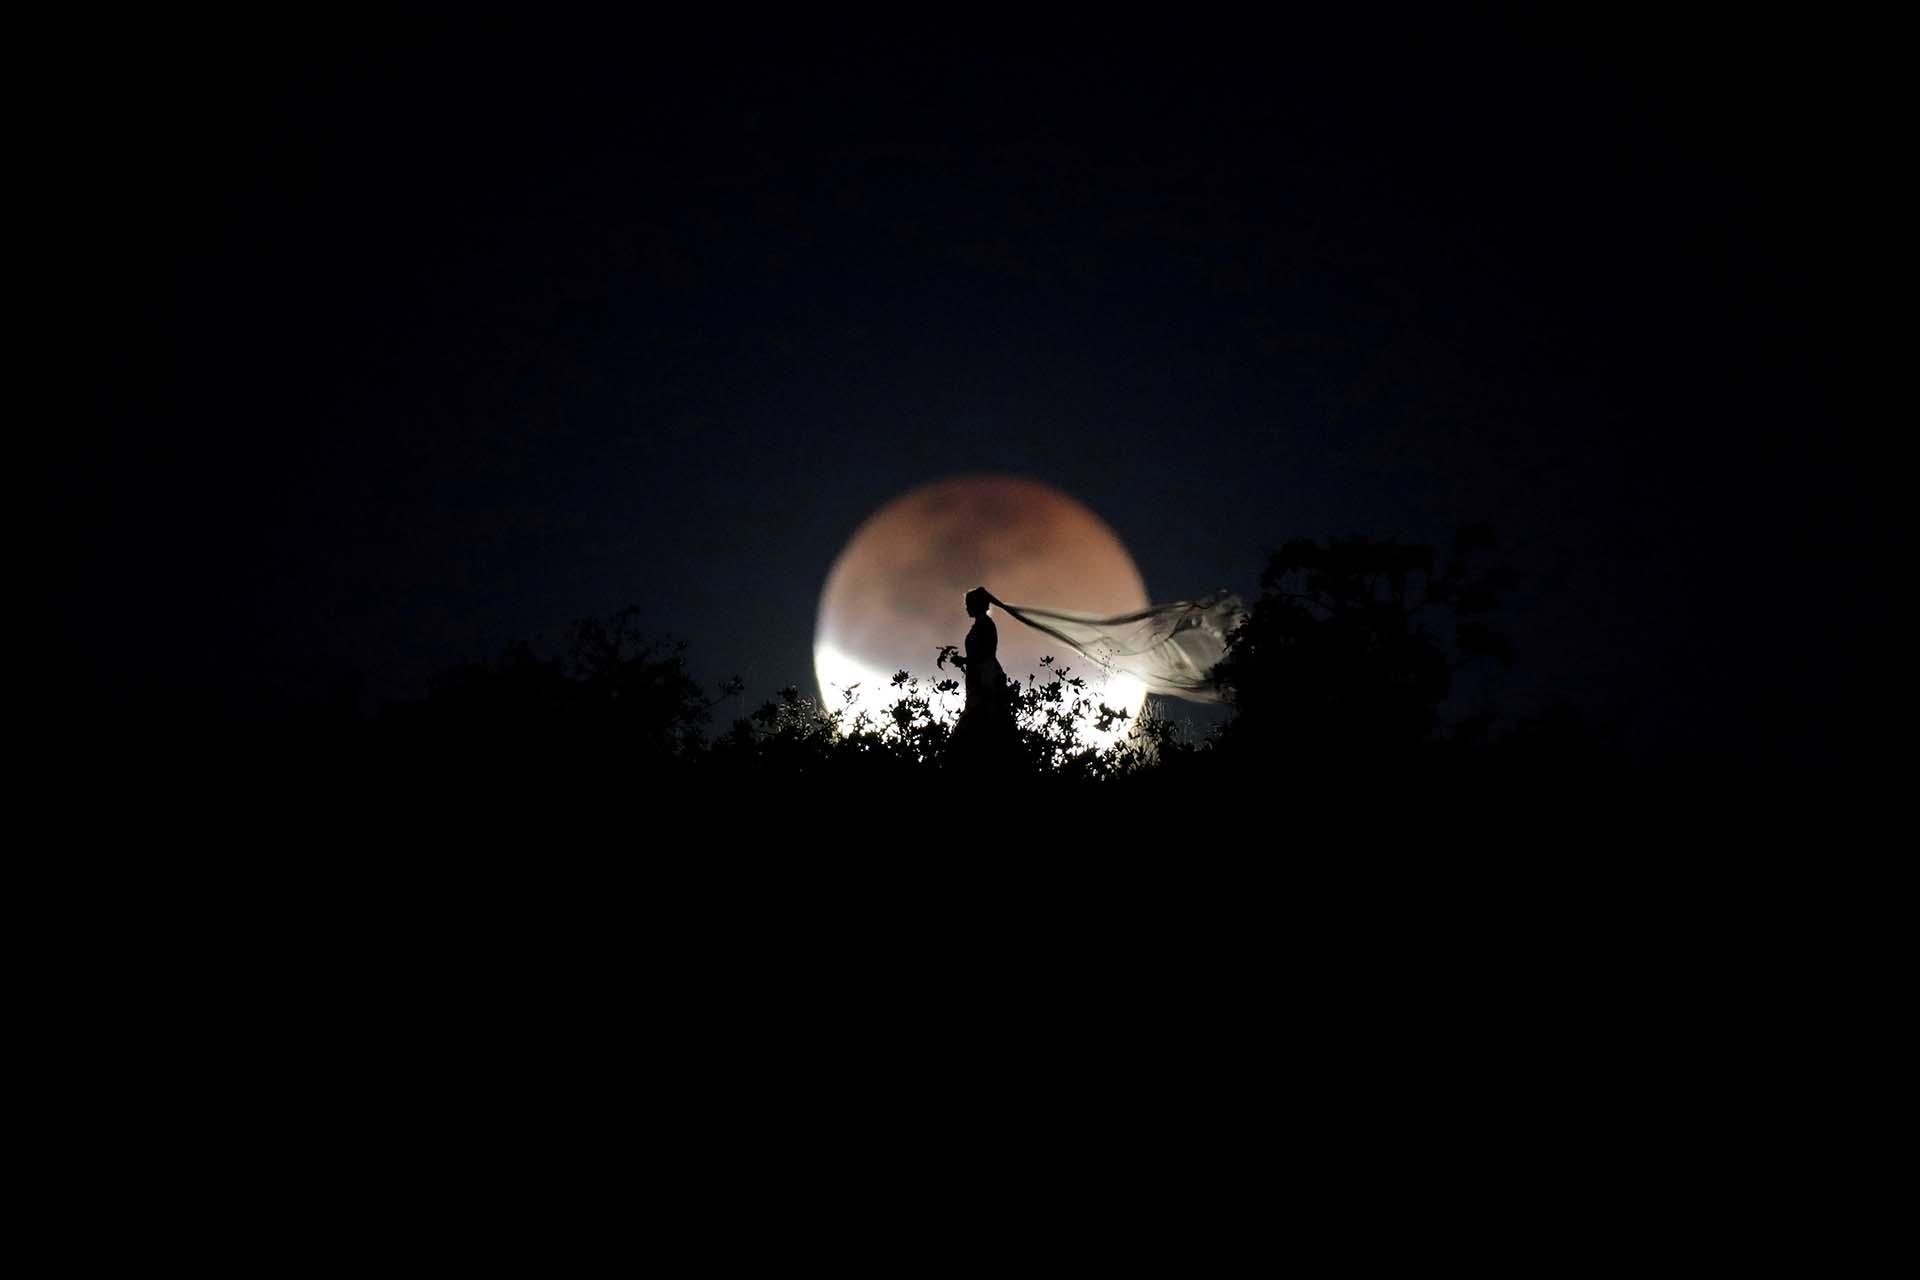 Una novia posa para una foto durante un eclipse lunar total en Brasilia, Brasil, el 27 de julio